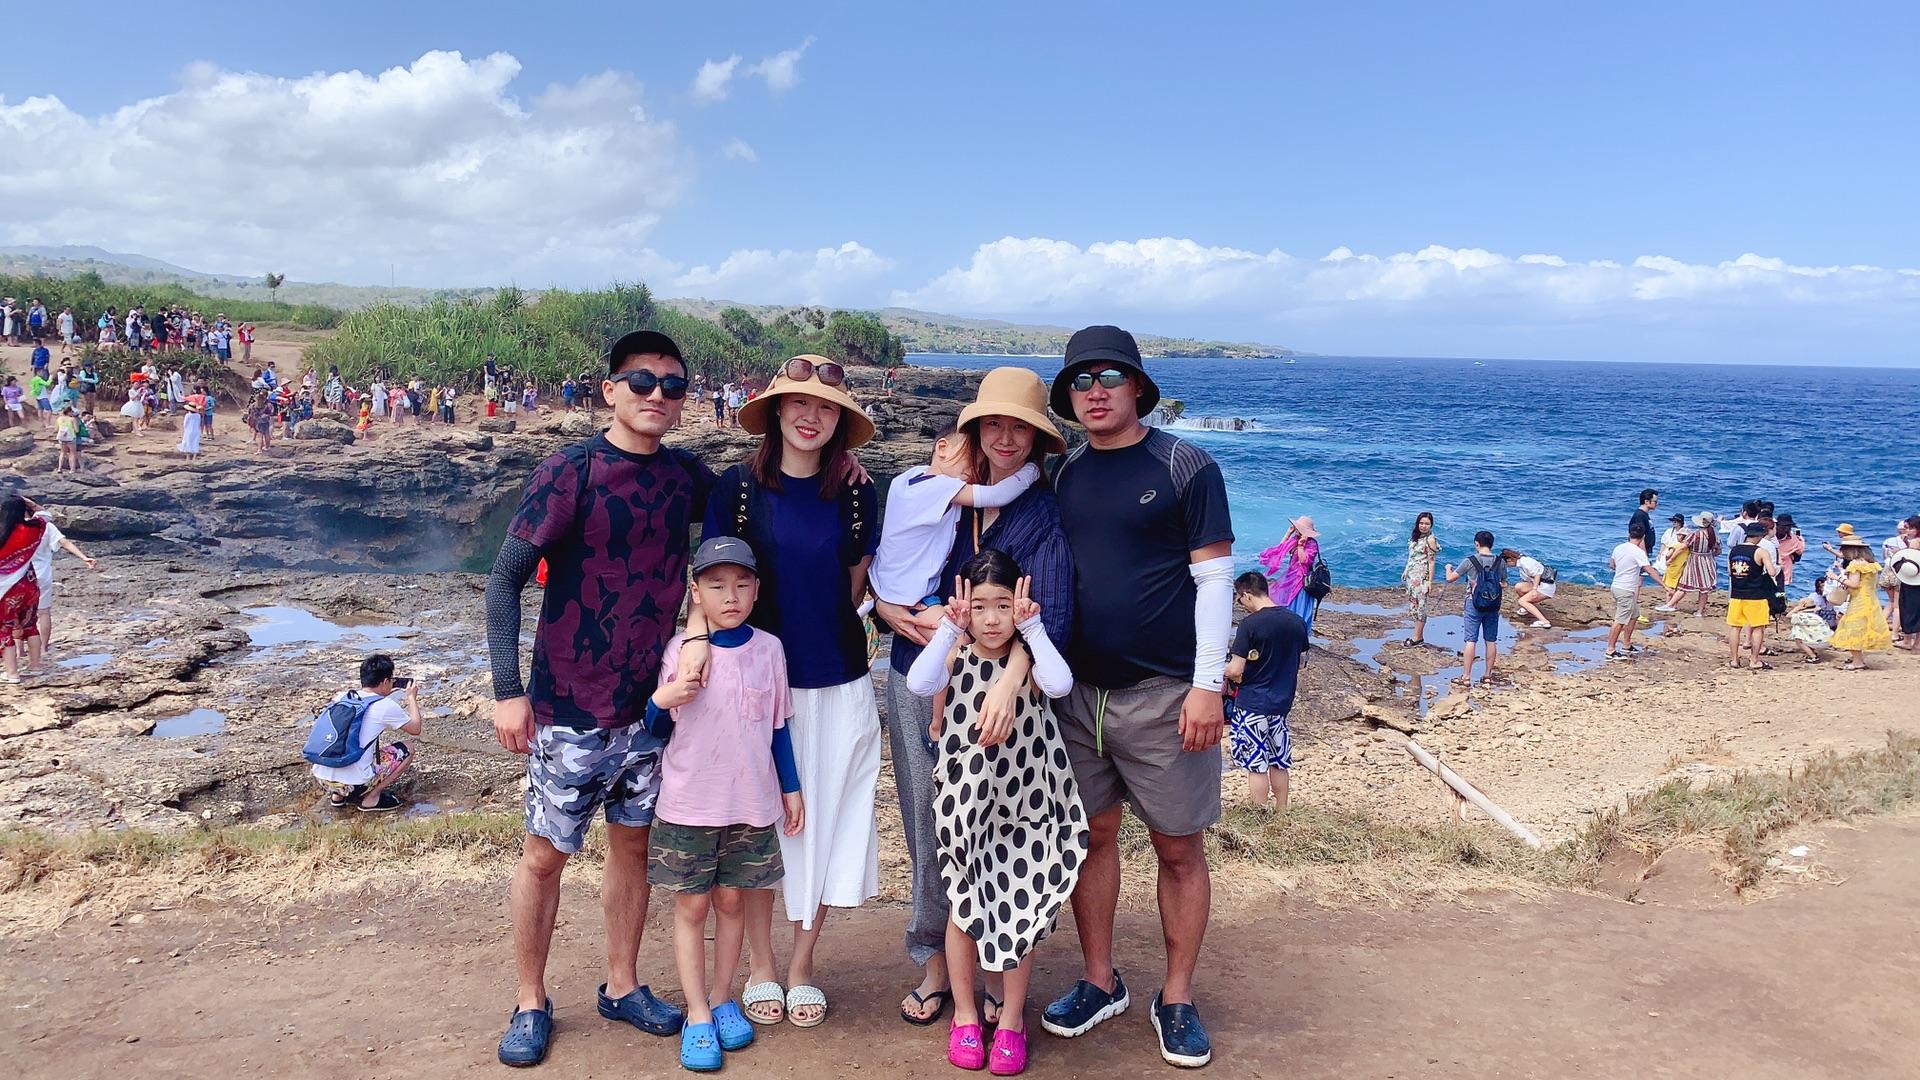 朋友的旅行日记—巴厘岛